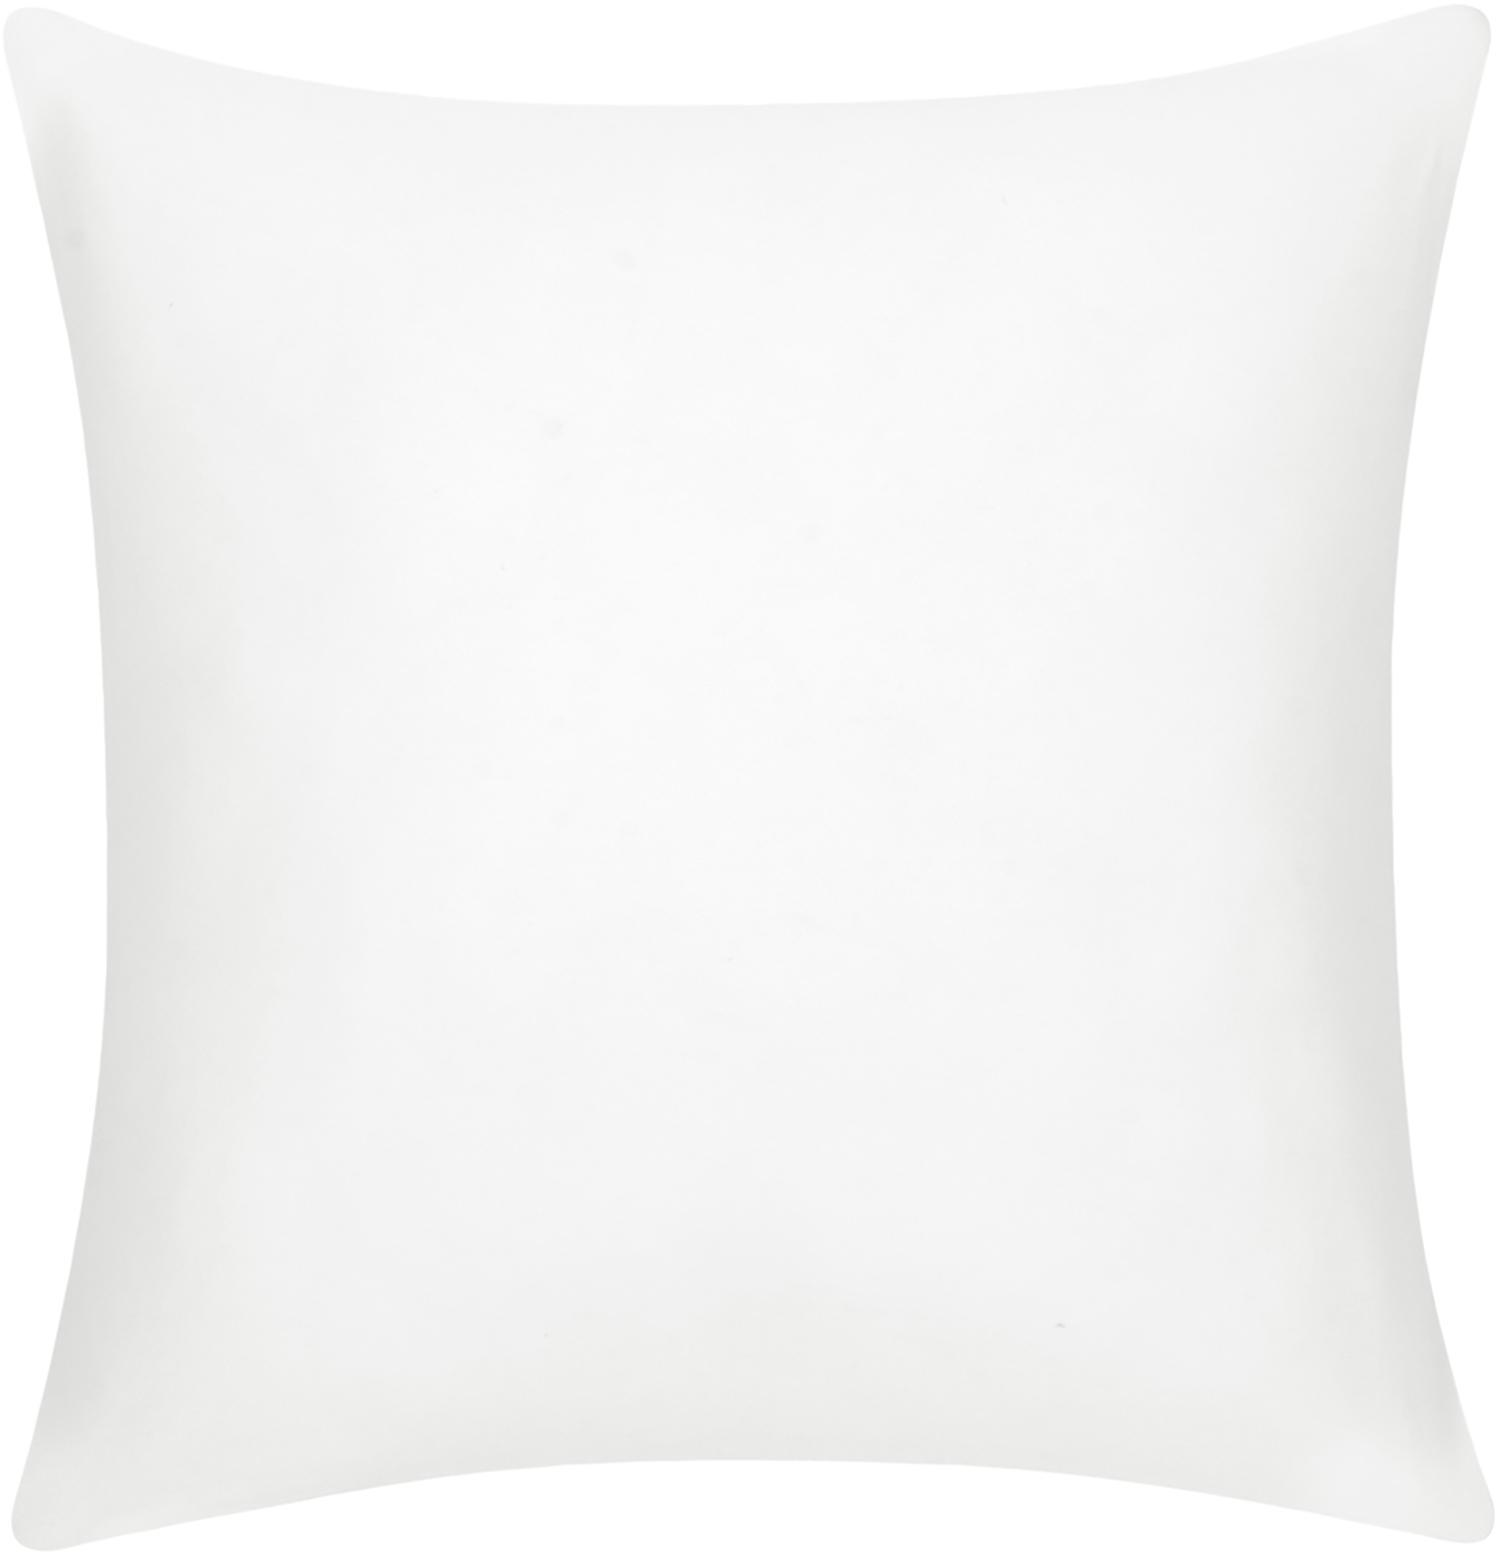 Baumwoll-Kissenhülle Mads in Weiß, 100% Baumwolle, Cremeweiß, 40 x 40 cm